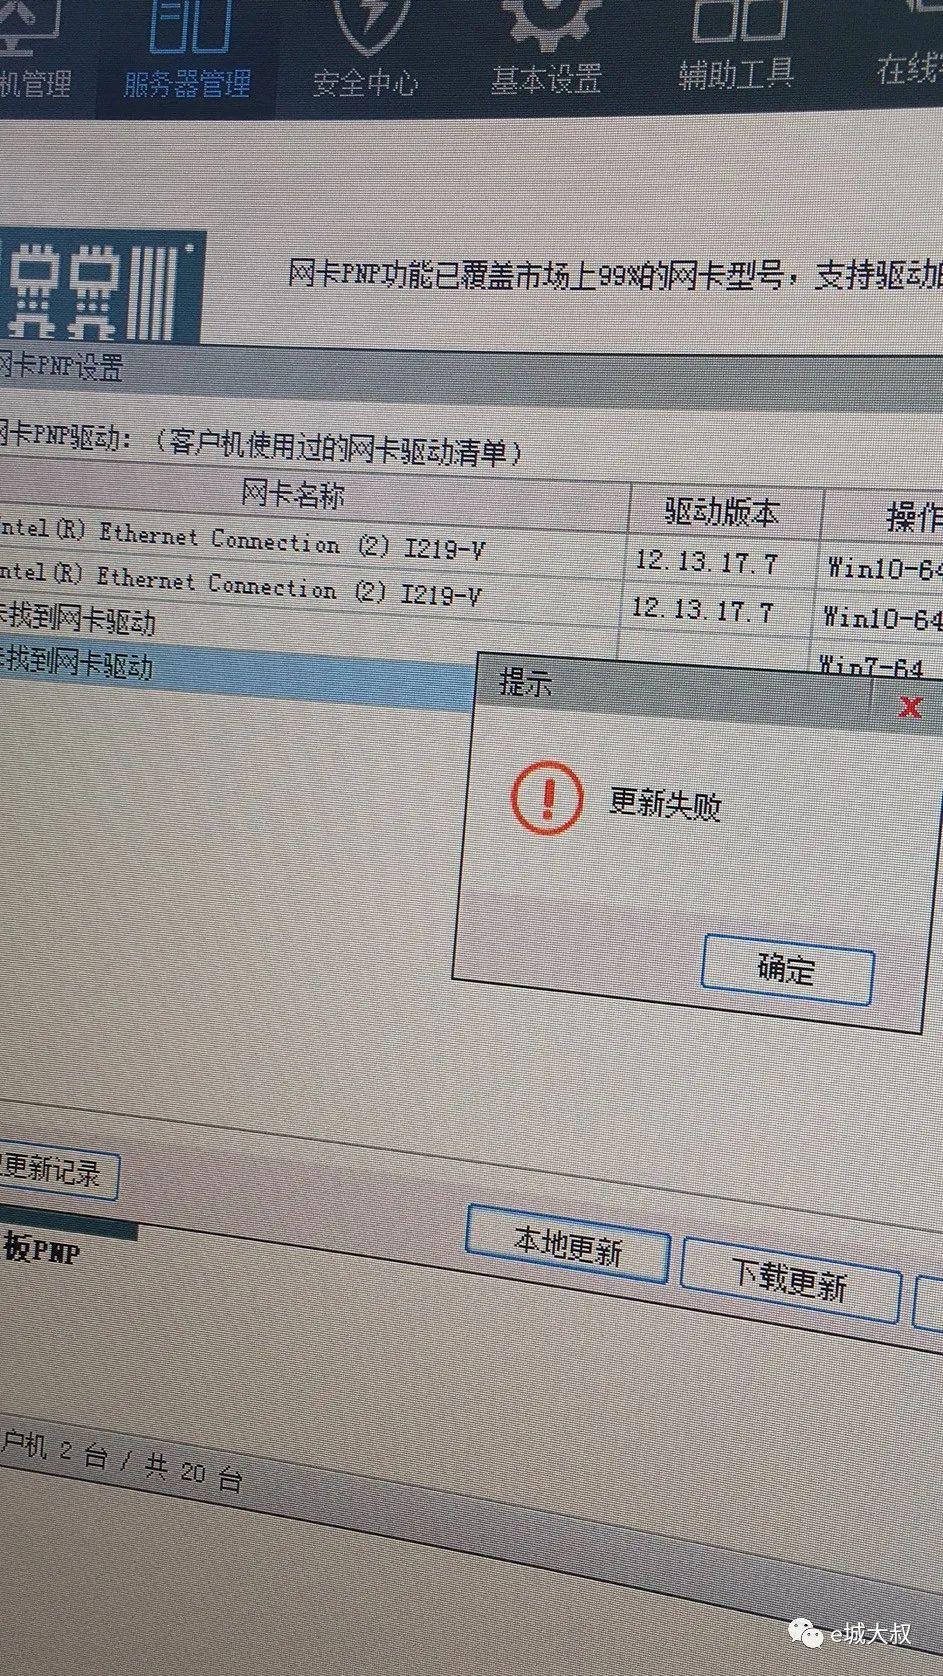 网维大师环境Z490板载2.5G网卡PNP更新失败的解决方法